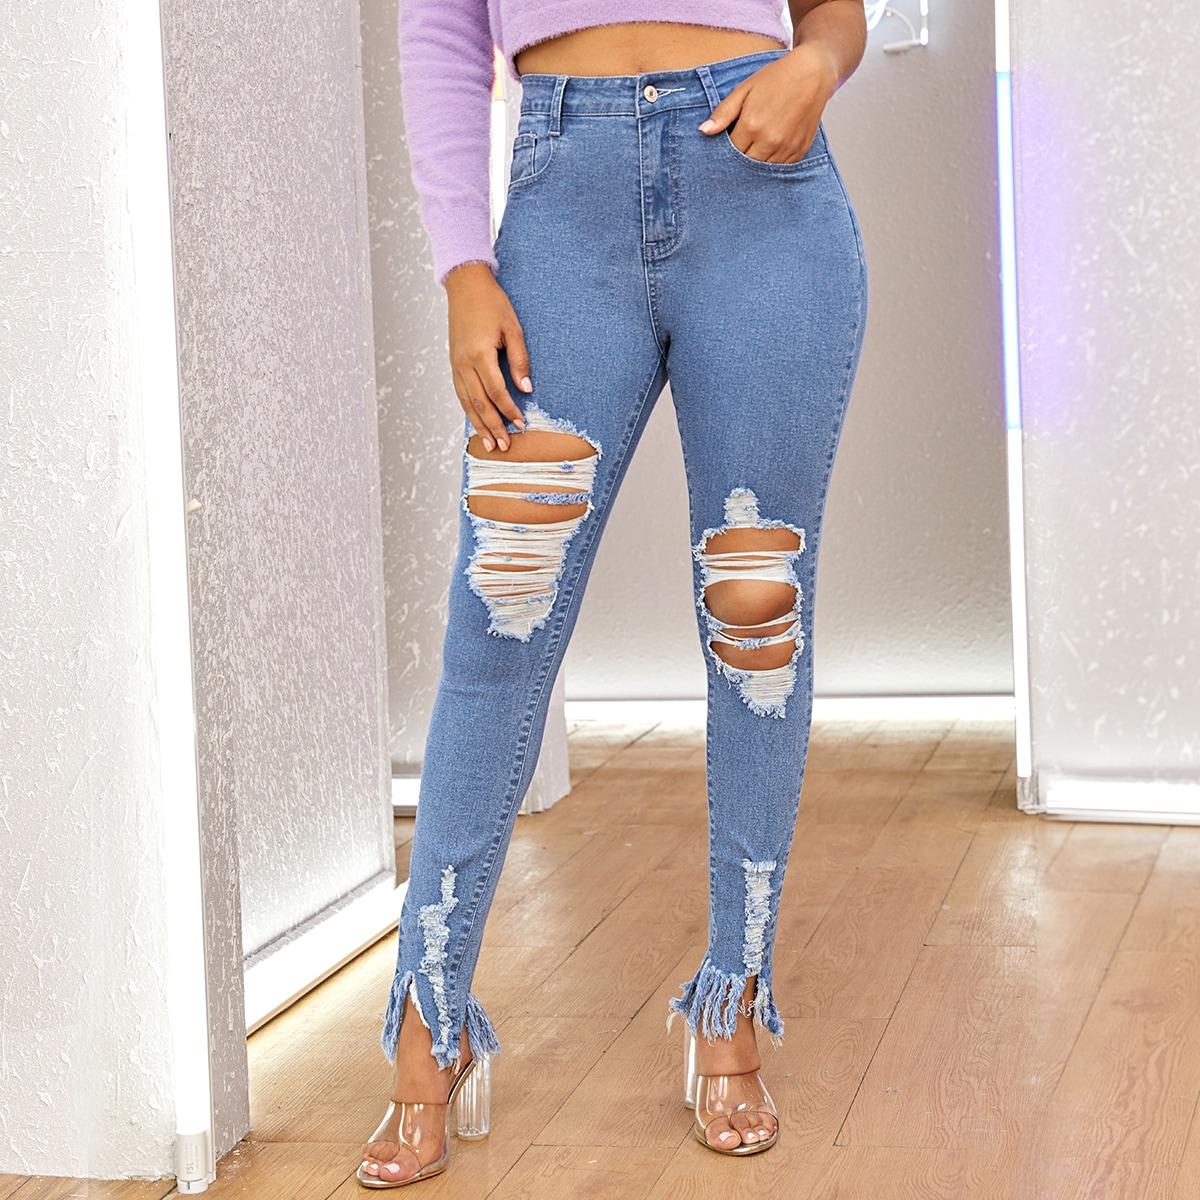 Рваные джинсы с необработанным низом и бахромой